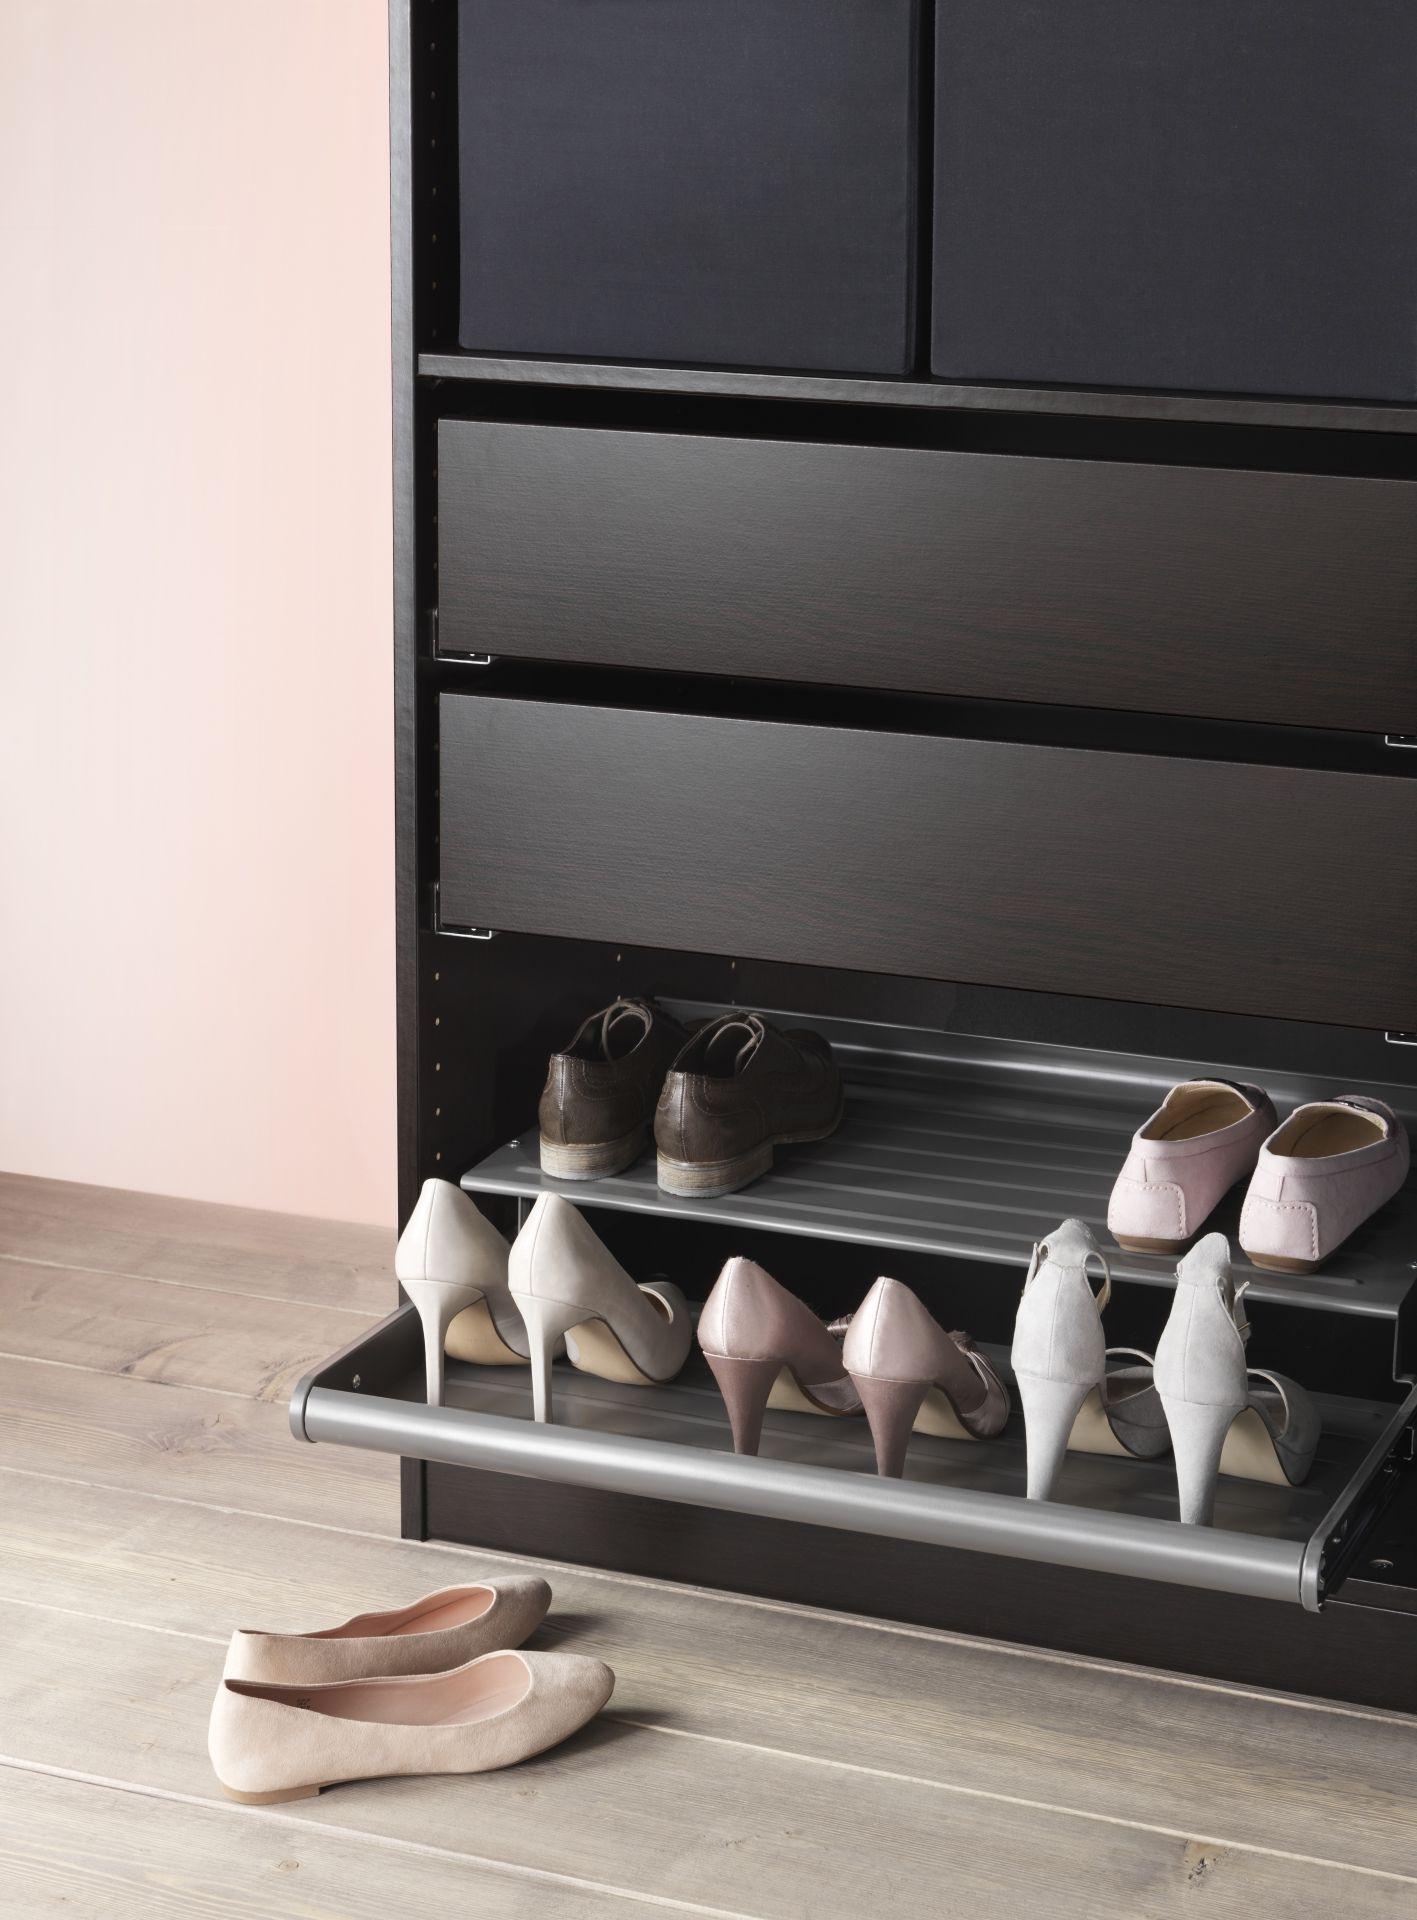 Schoenenrek Ikea Pax.Komplement Uittrekbaar Schoenenrek Ikeacatalogus Nieuw